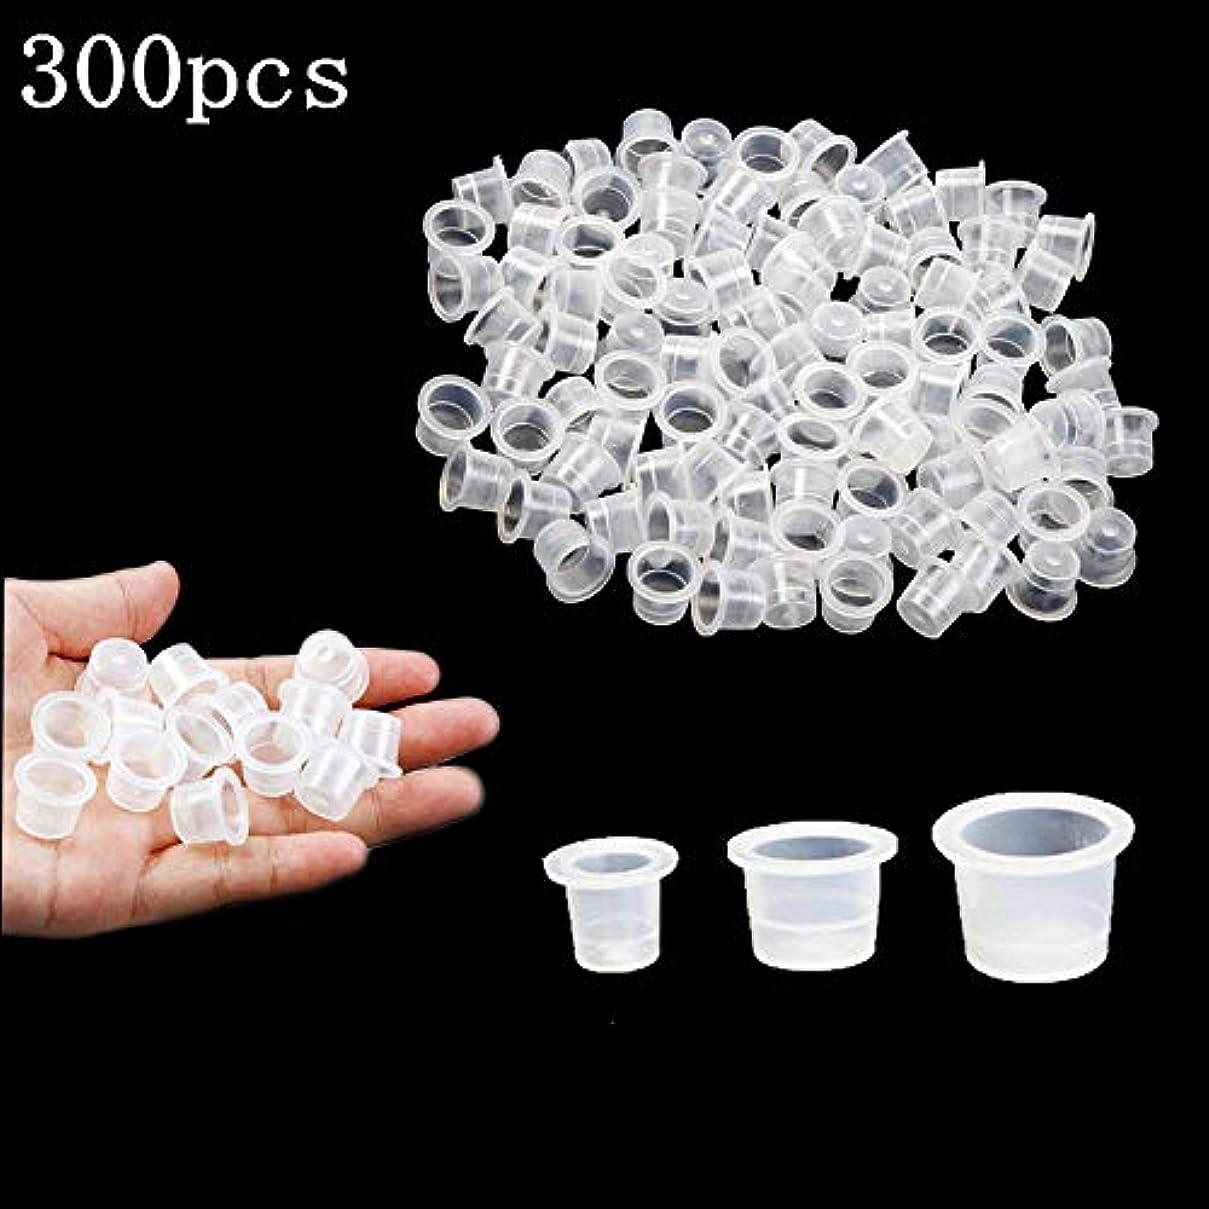 オーロックジュラシックパーク好意的Kingsie インクキャップ 300個セット タトゥーインクカップ 使い捨て ホワイト 半透明 S/M/L